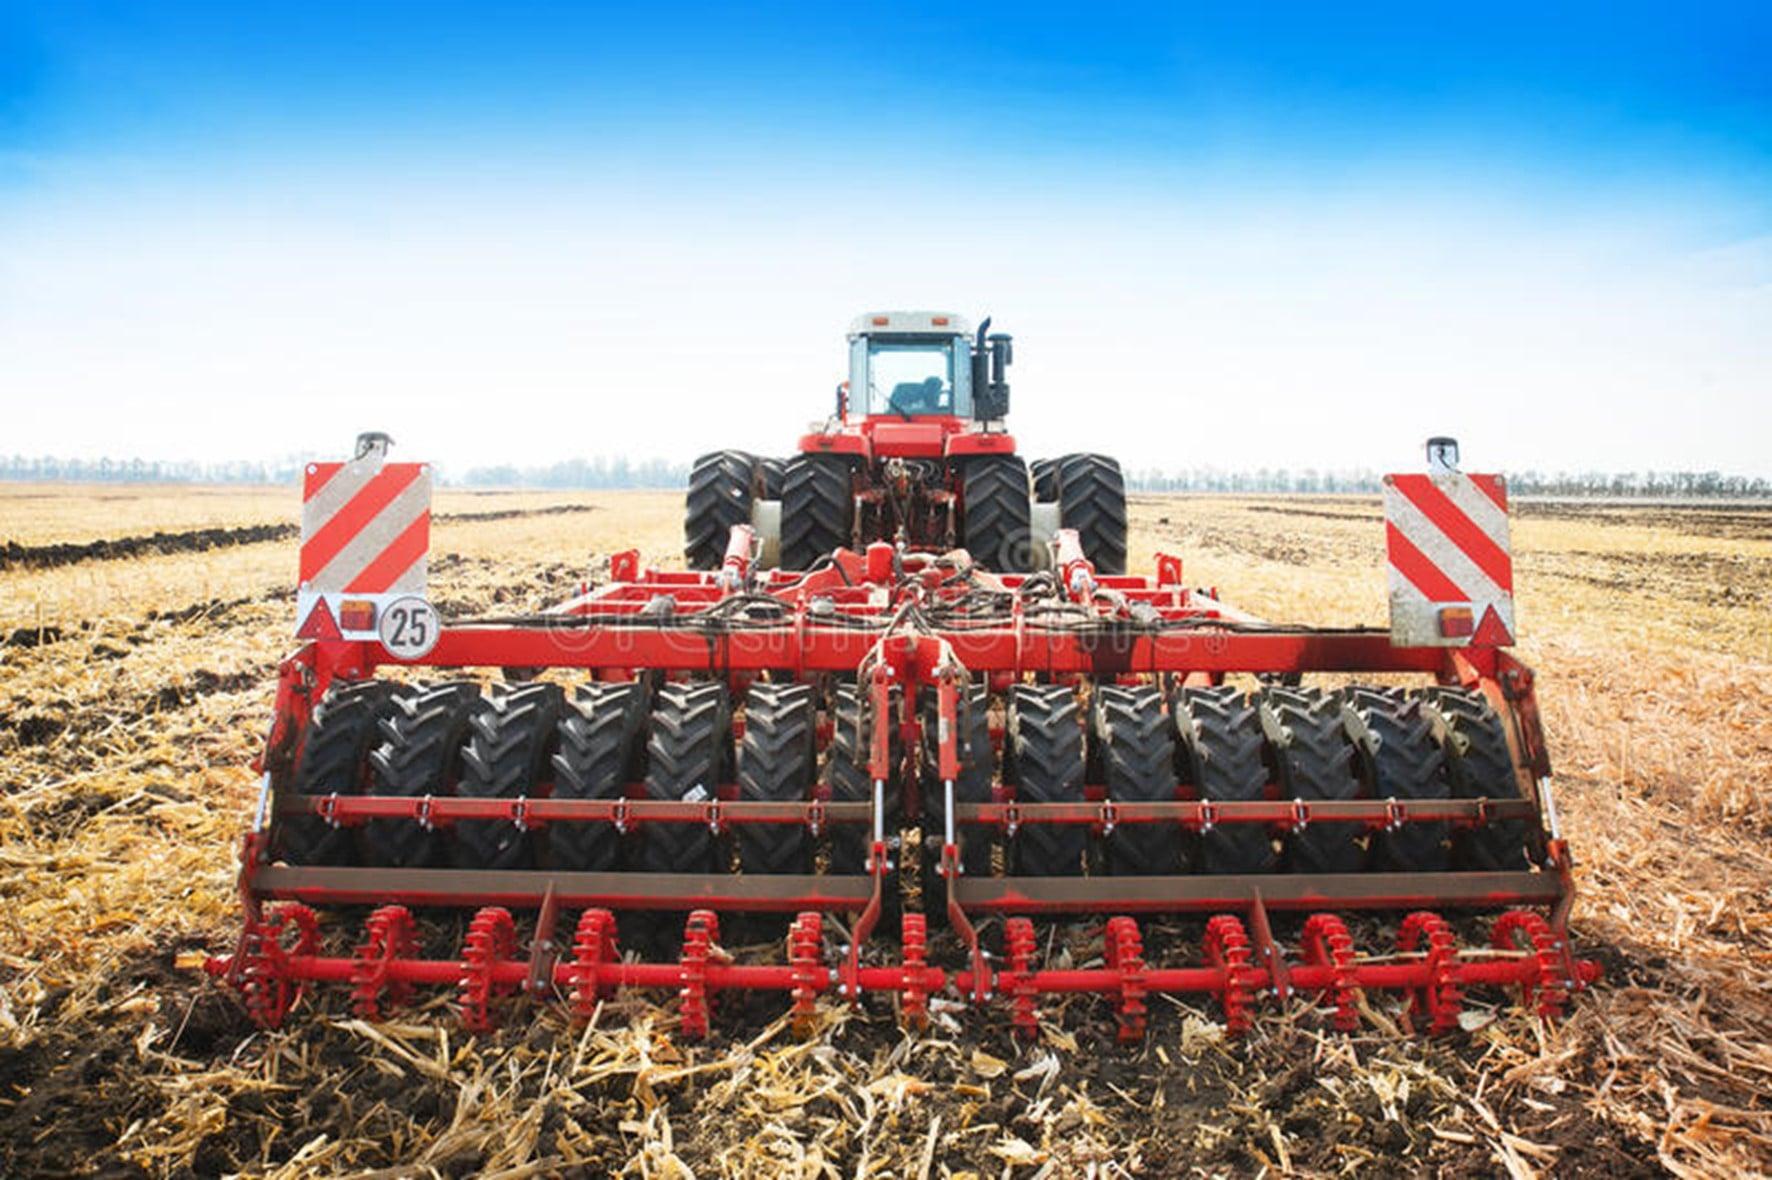 Implementos agrícolas - Arado Agrícola